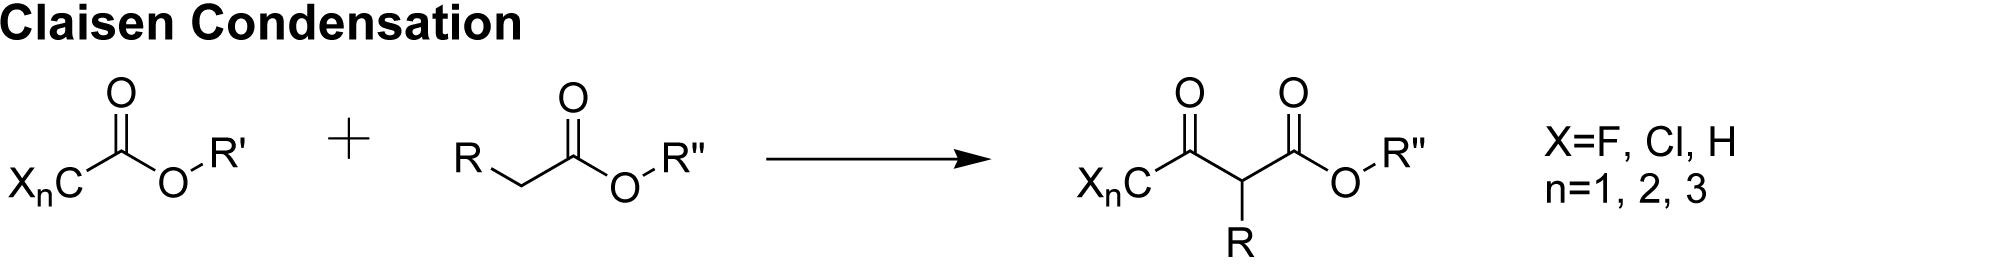 Claisen_Condensation_Version_5